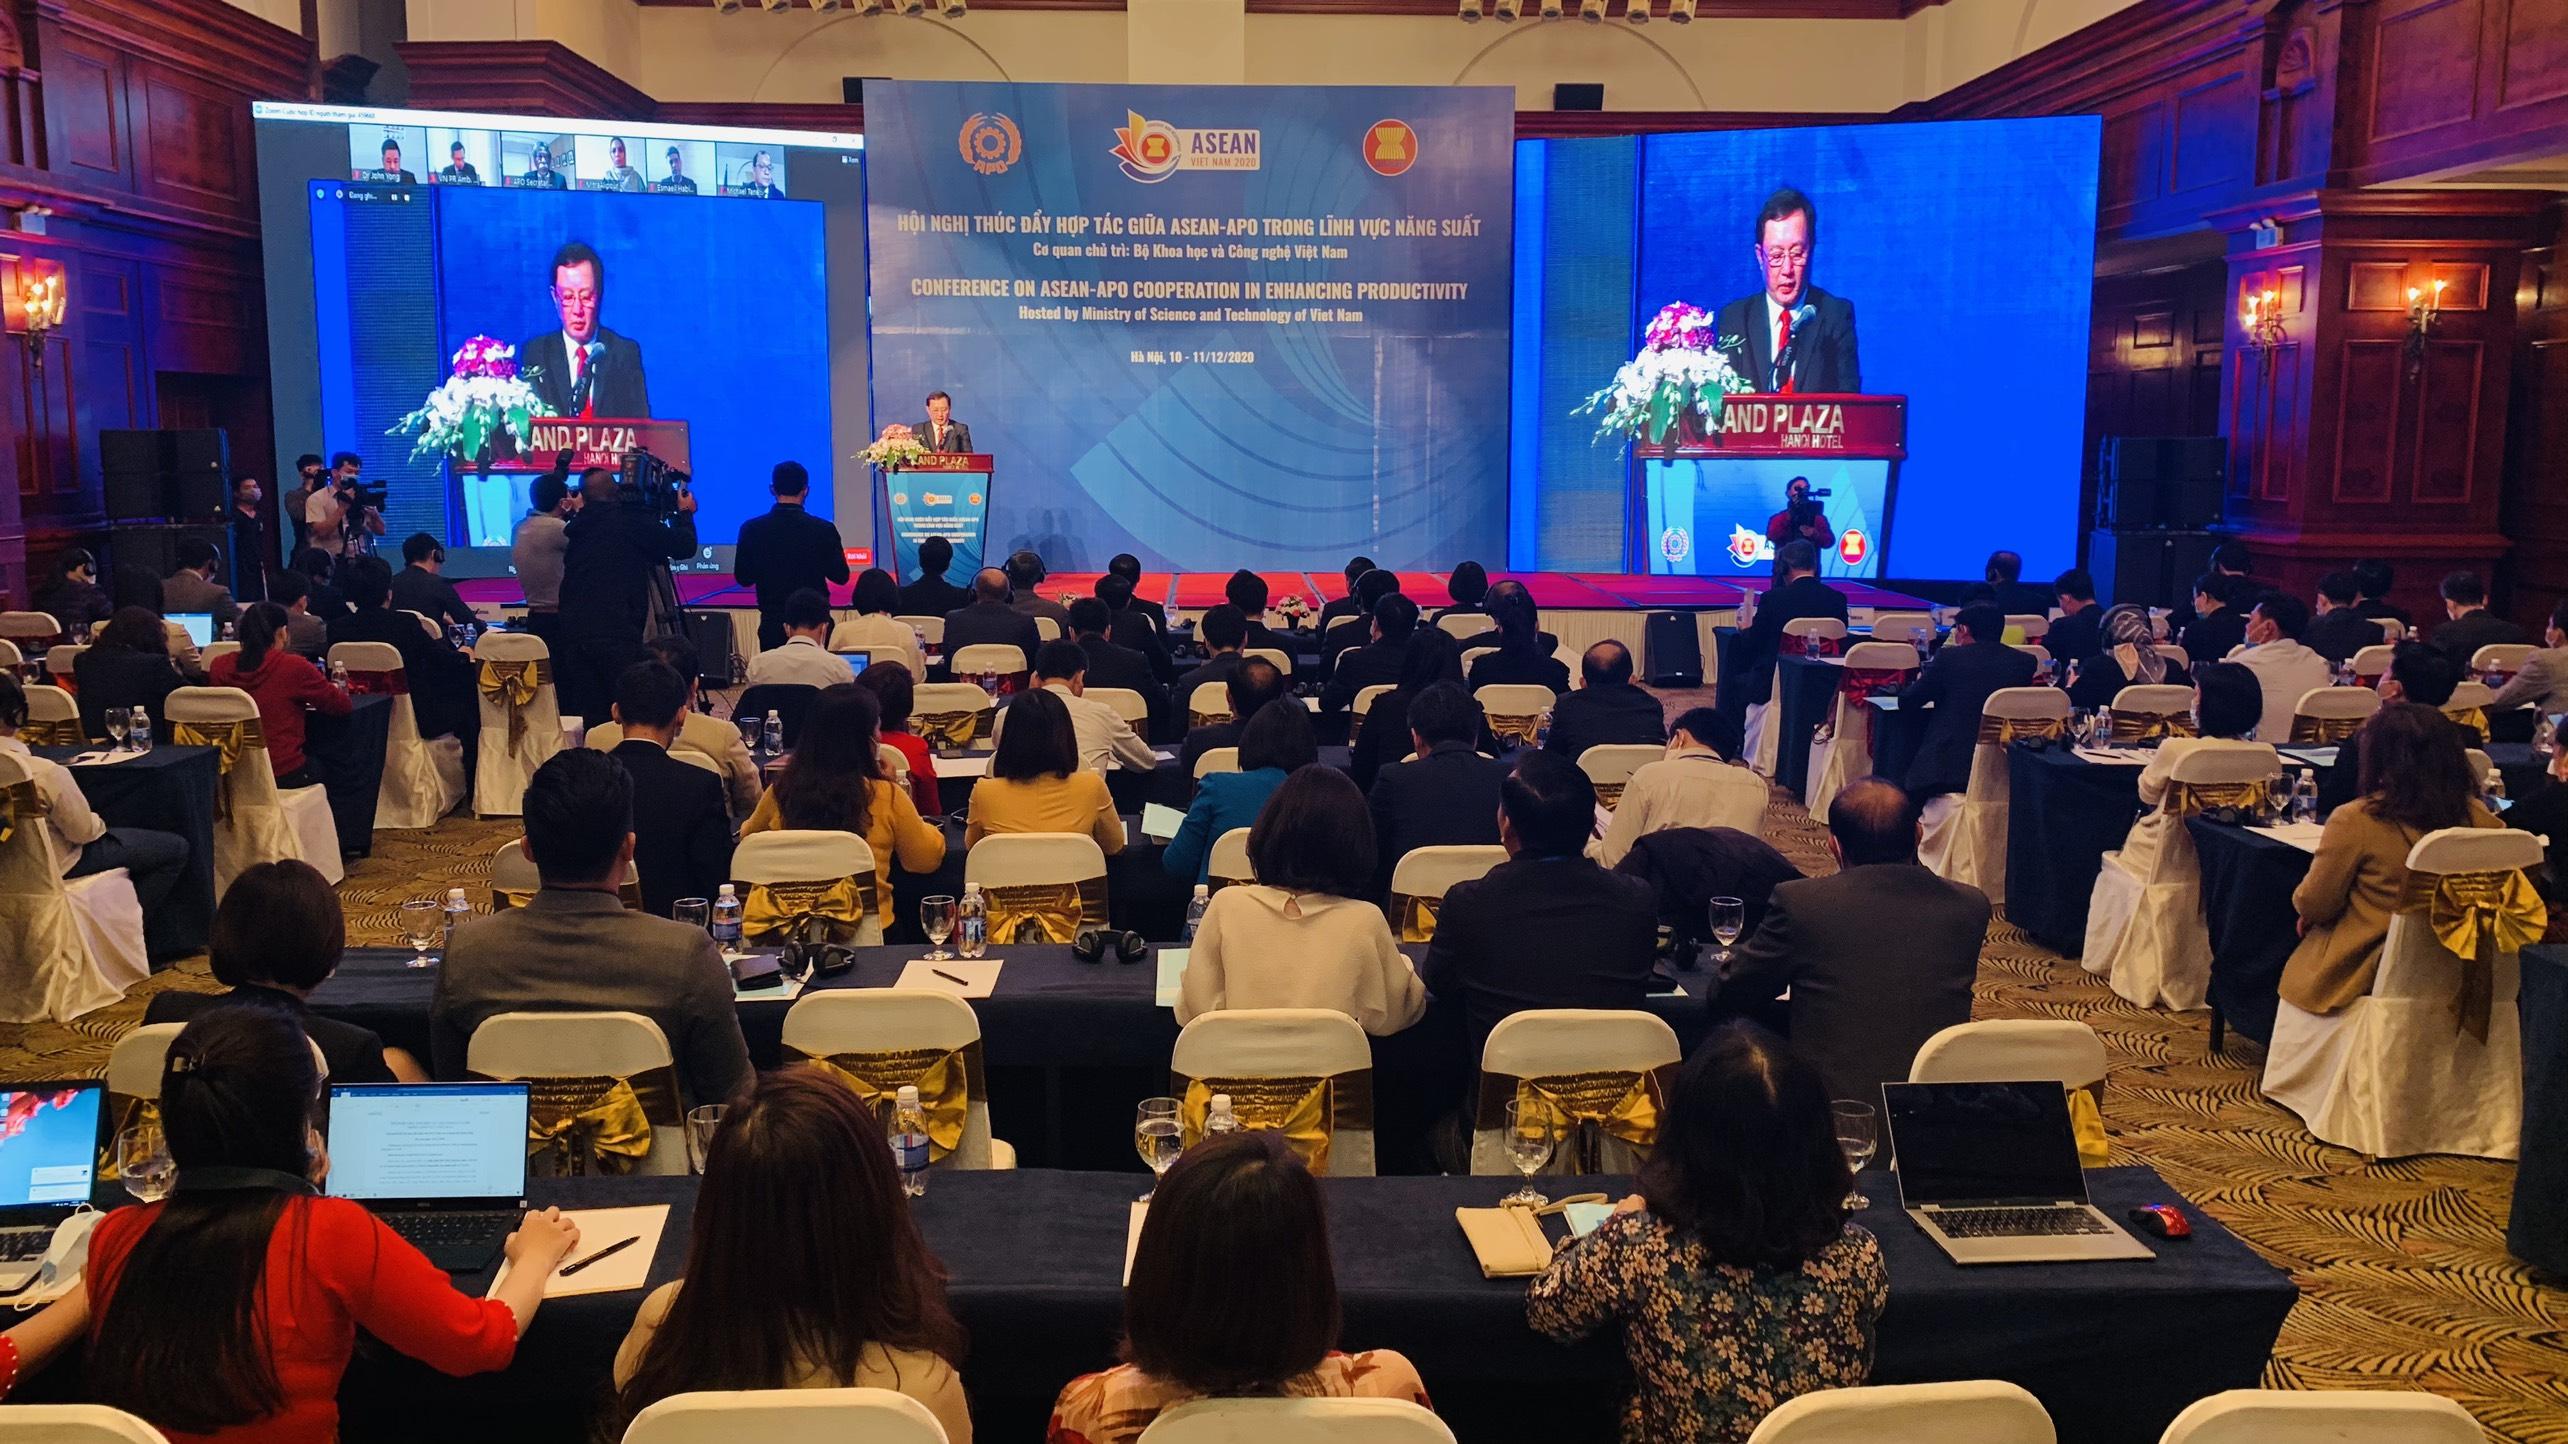 Hội nghị thúc đẩy hợp tác giữa ASEAN -APO trong lĩnh vực năng suất